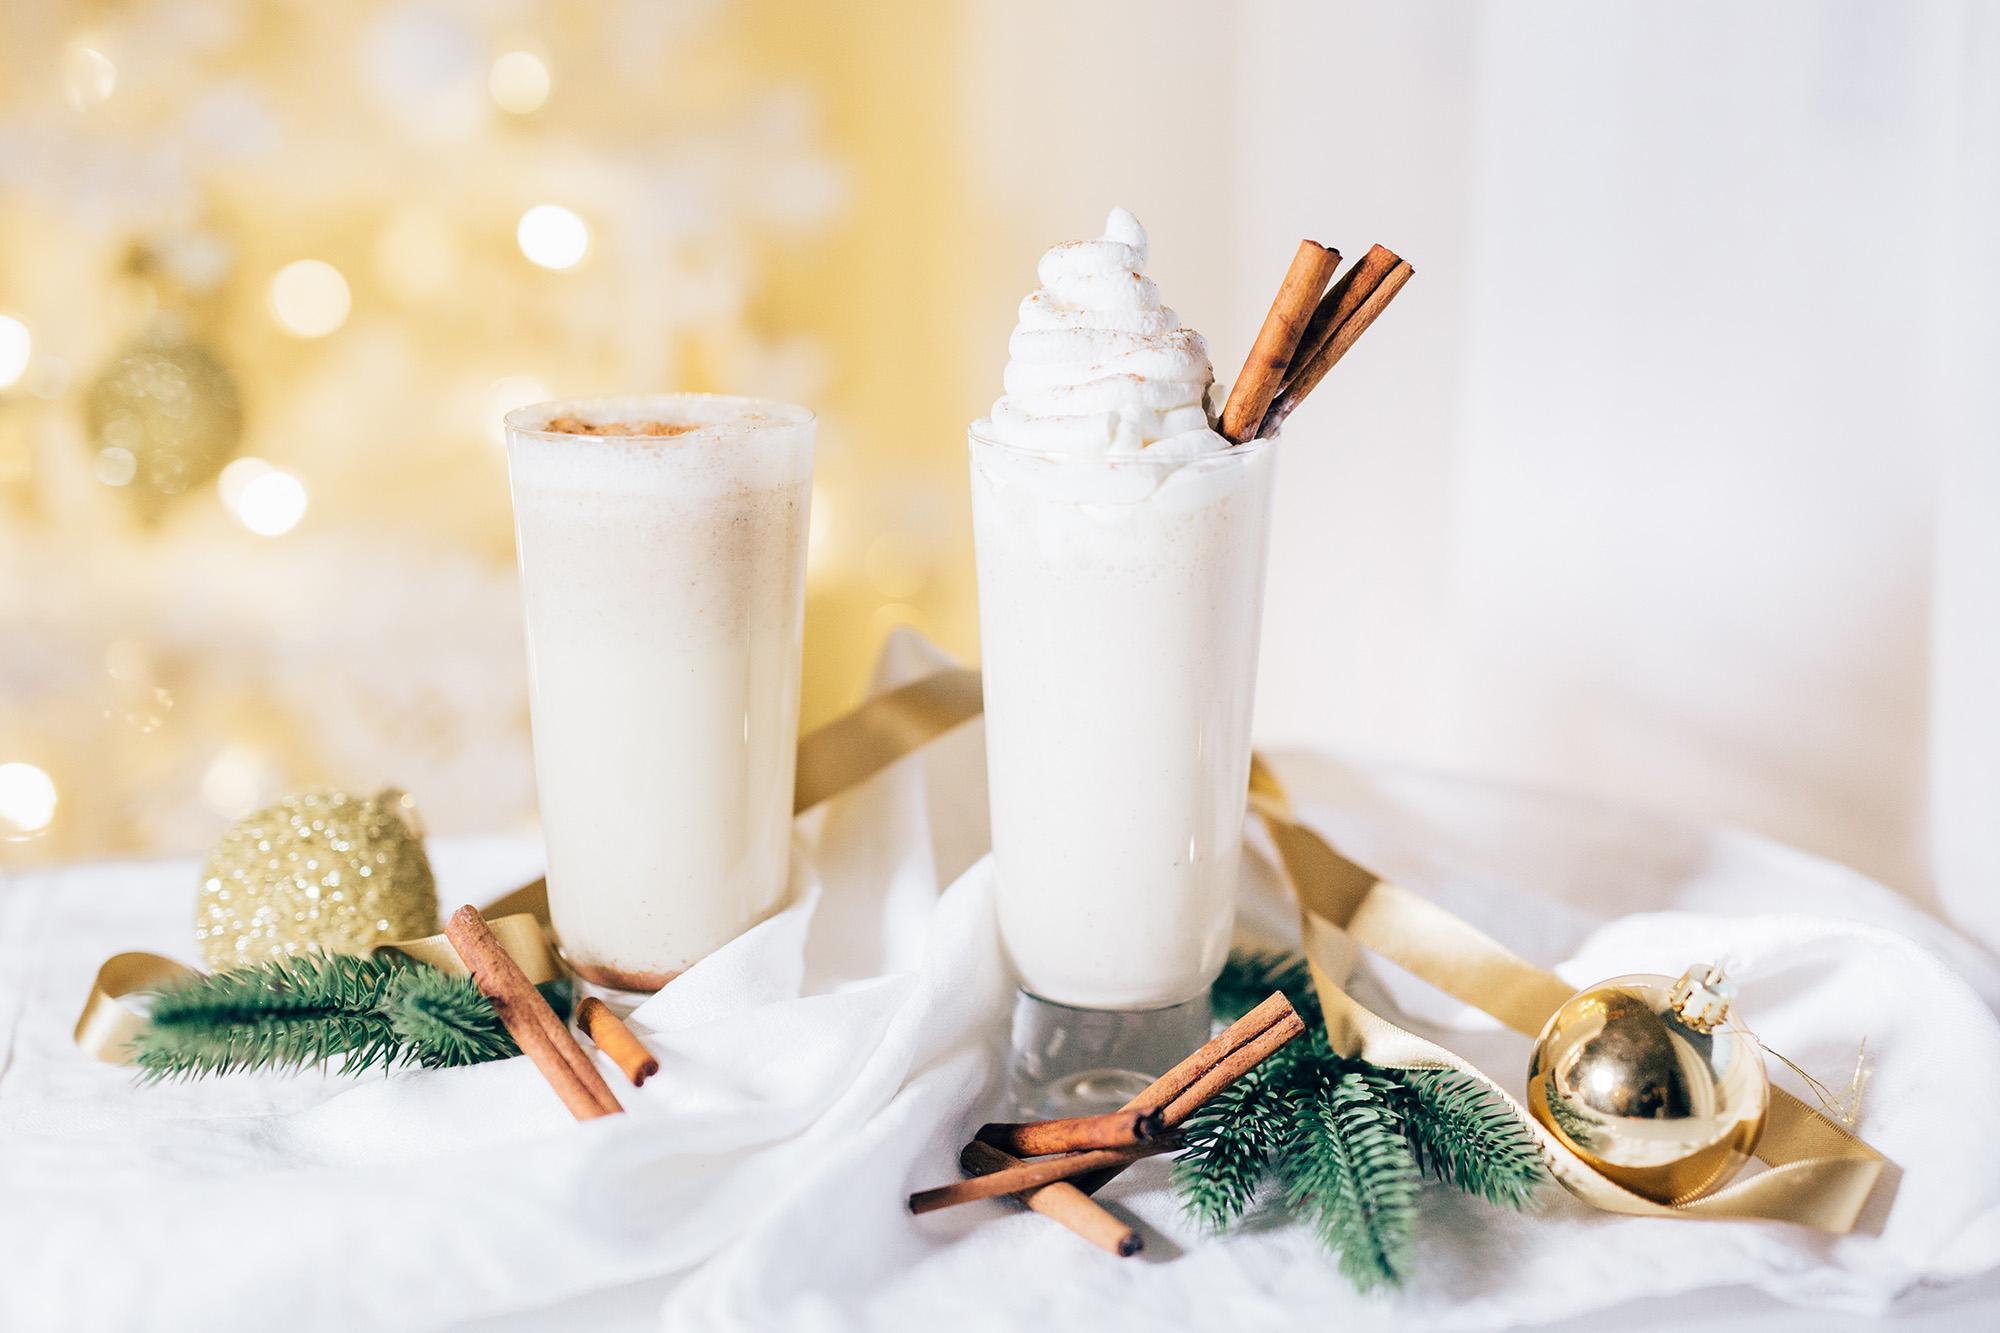 si-moda-eggnog-joulu-2